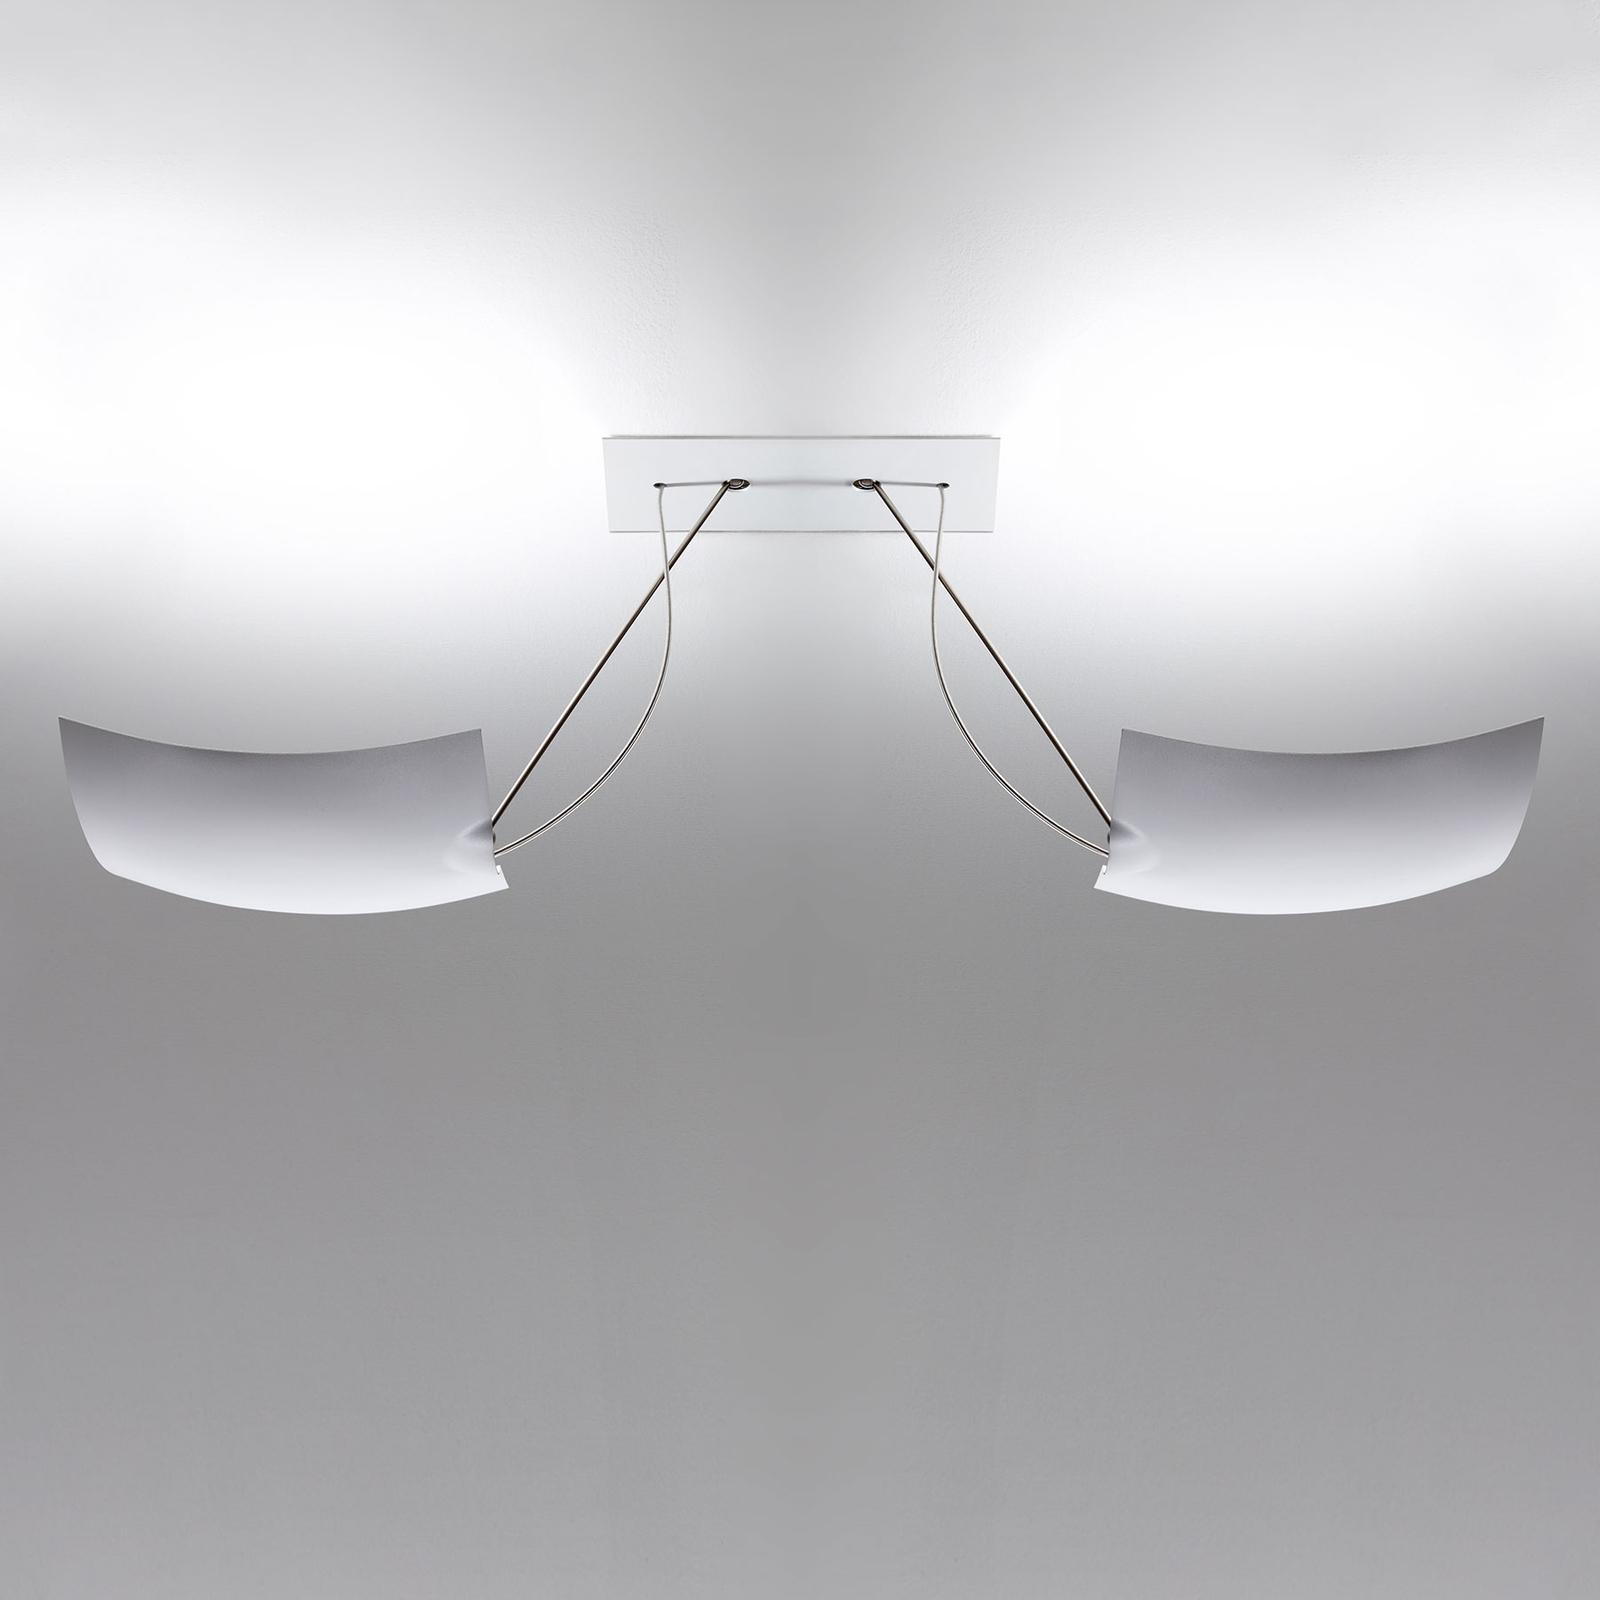 Ingo Maurer 2x18x18 LED-Deckenleuchte, 2-flammig